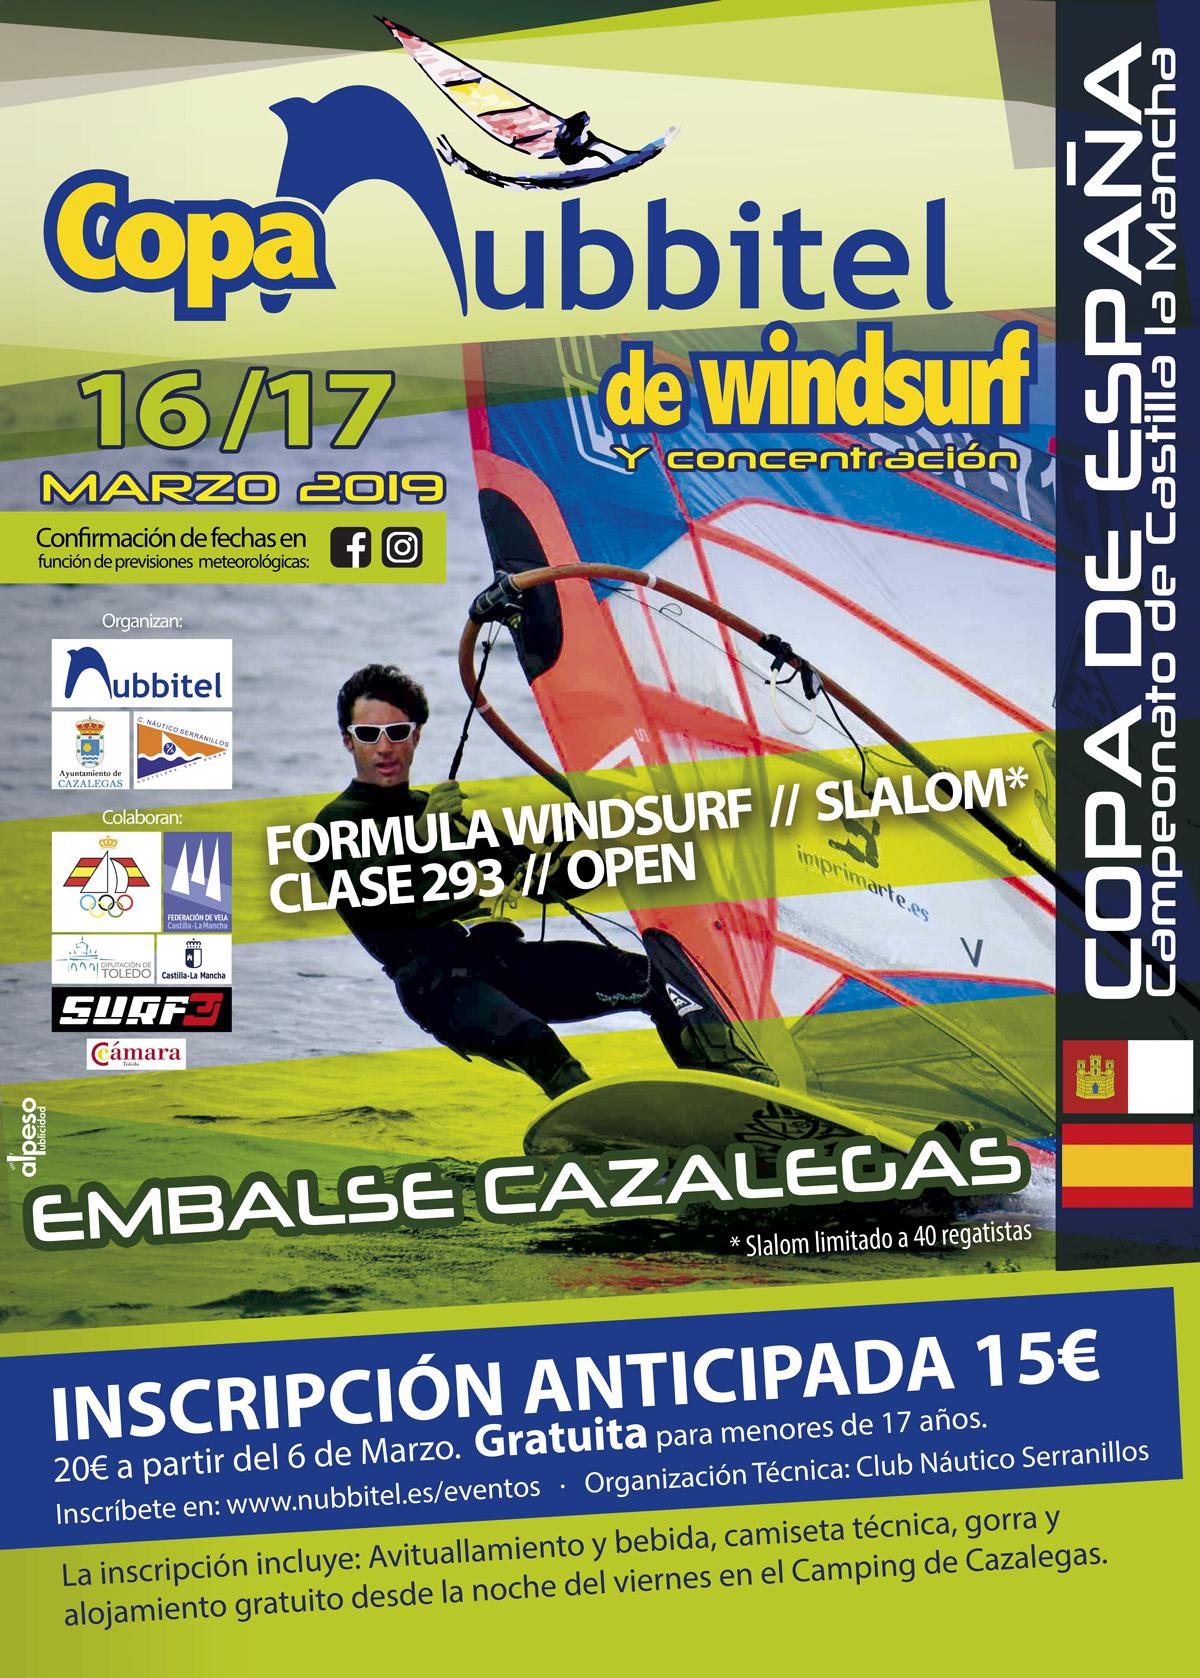 Campeonato de España de windsurf y funboard 2019 Náutico Serranillos